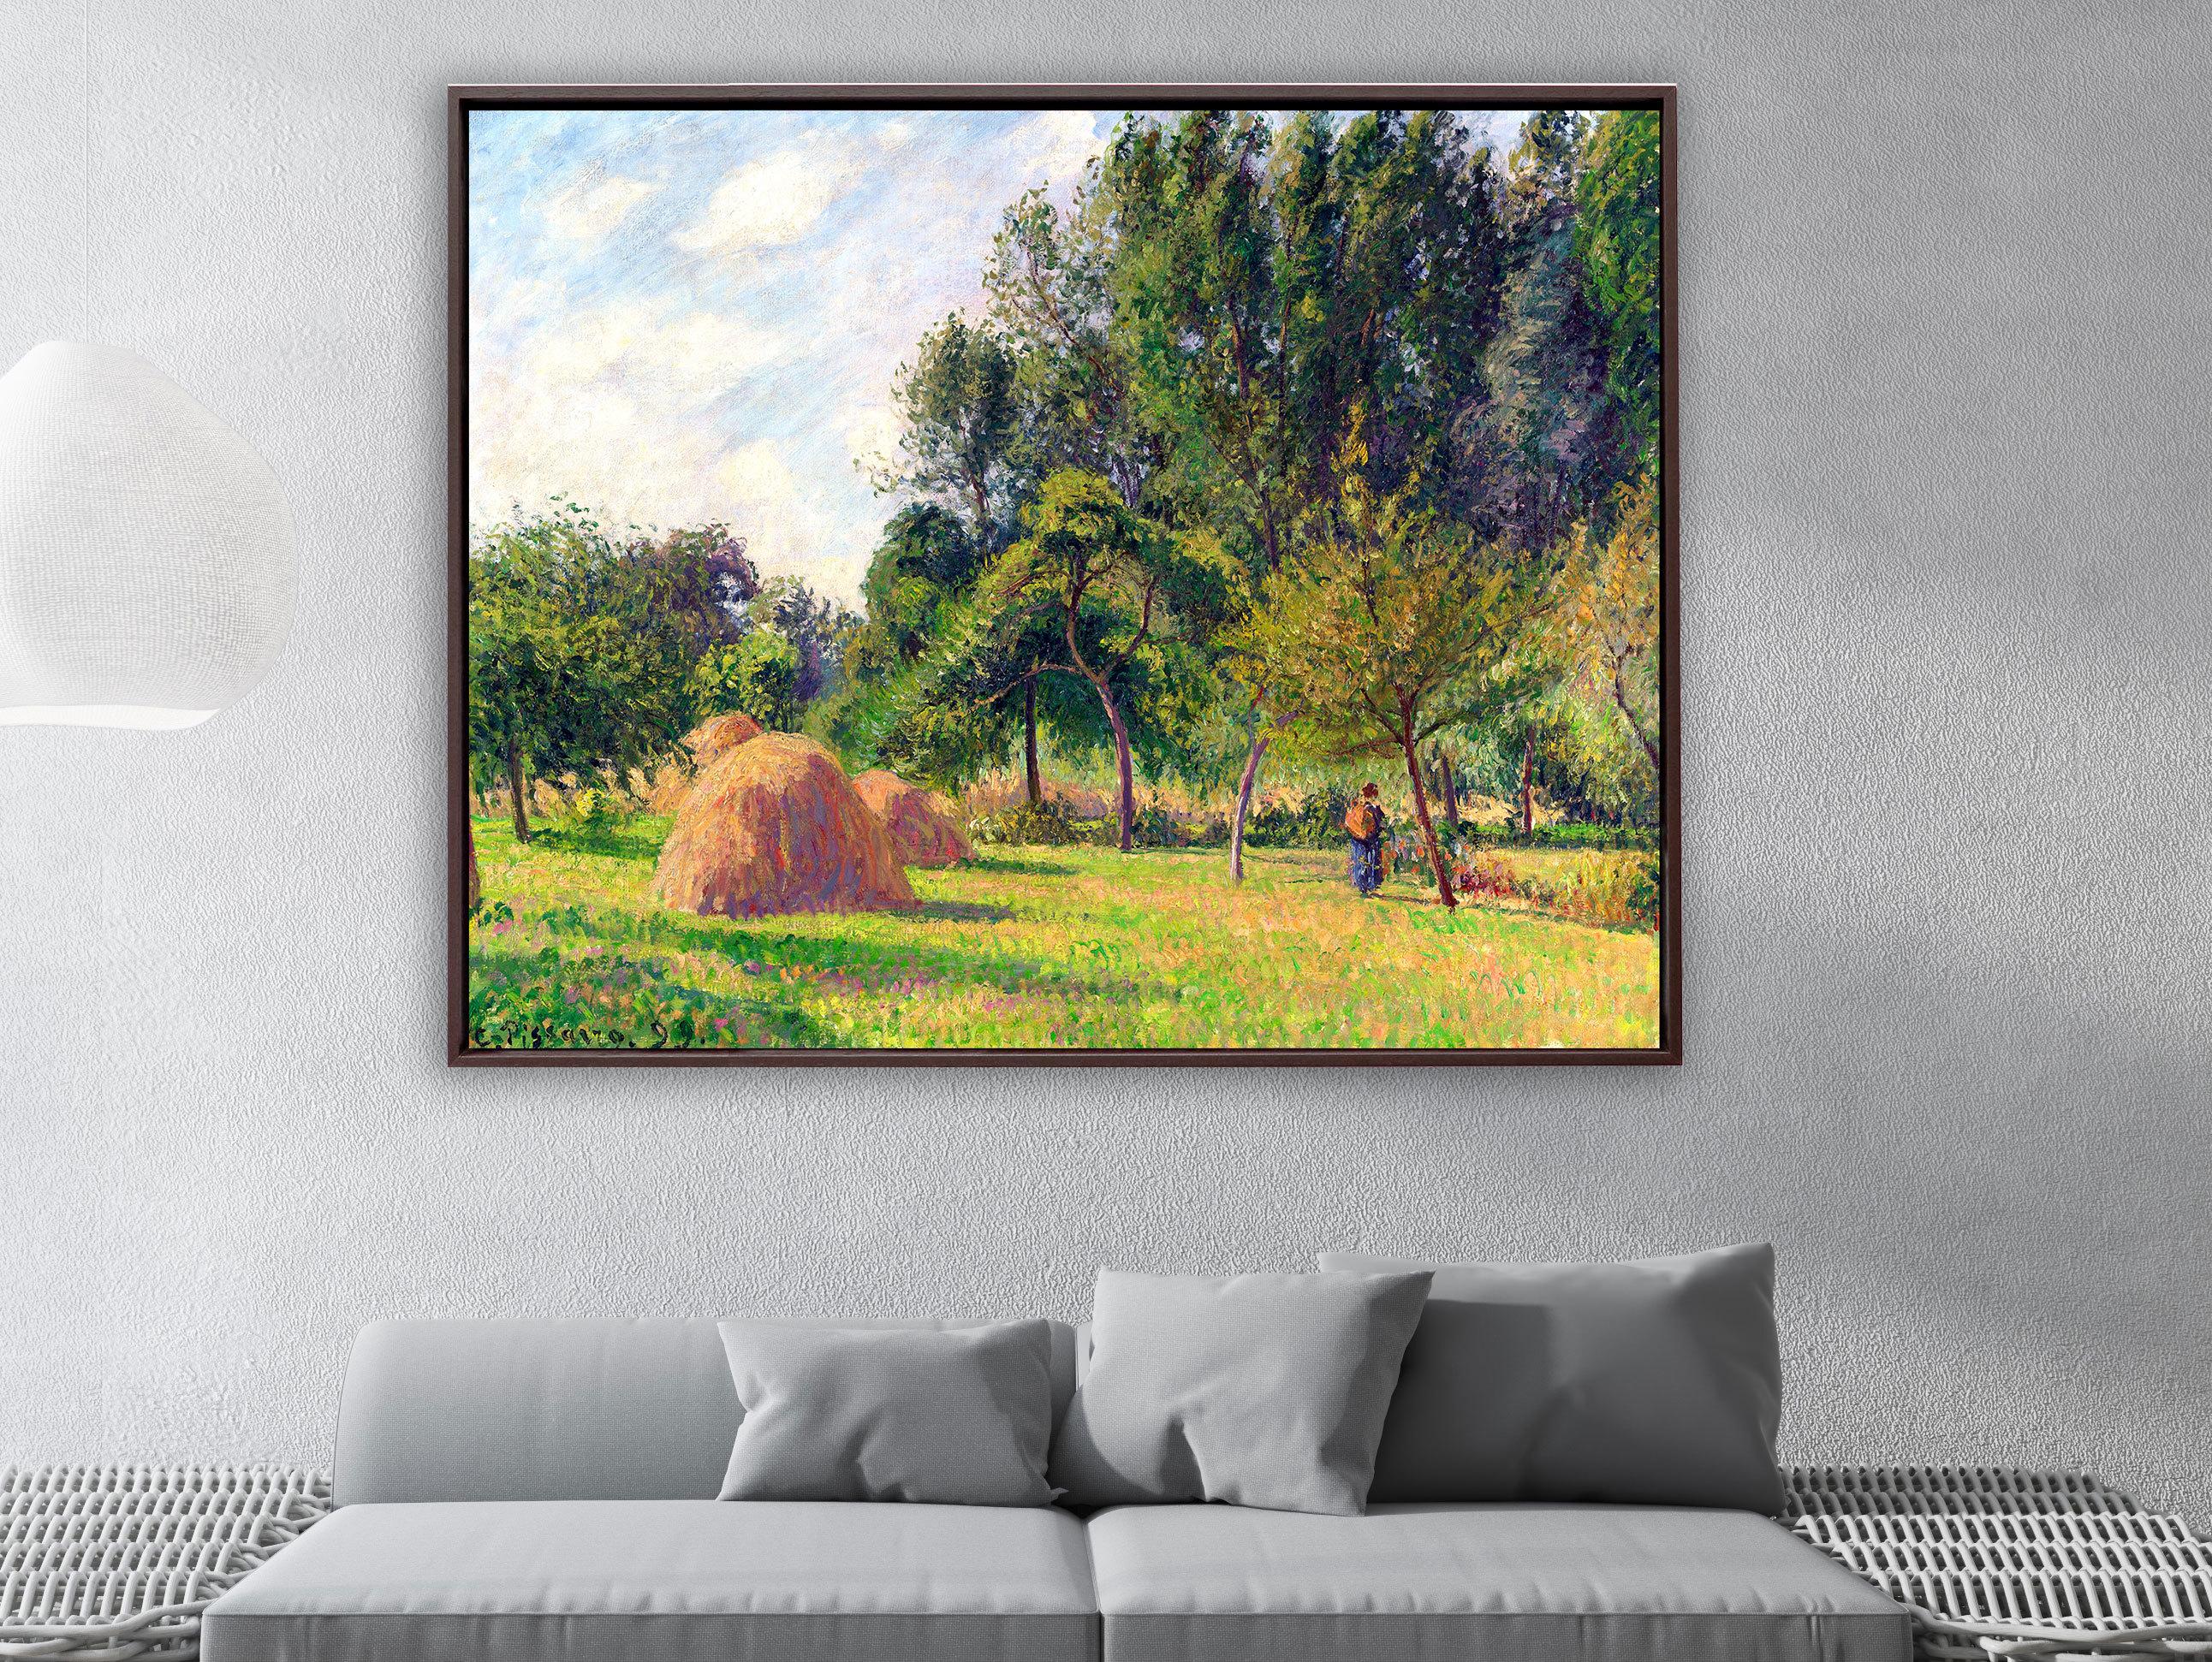 Camille Pissarro - Heuhaufen am Morgen Eragny in Frankreich, Schattenfugenrahmen braun